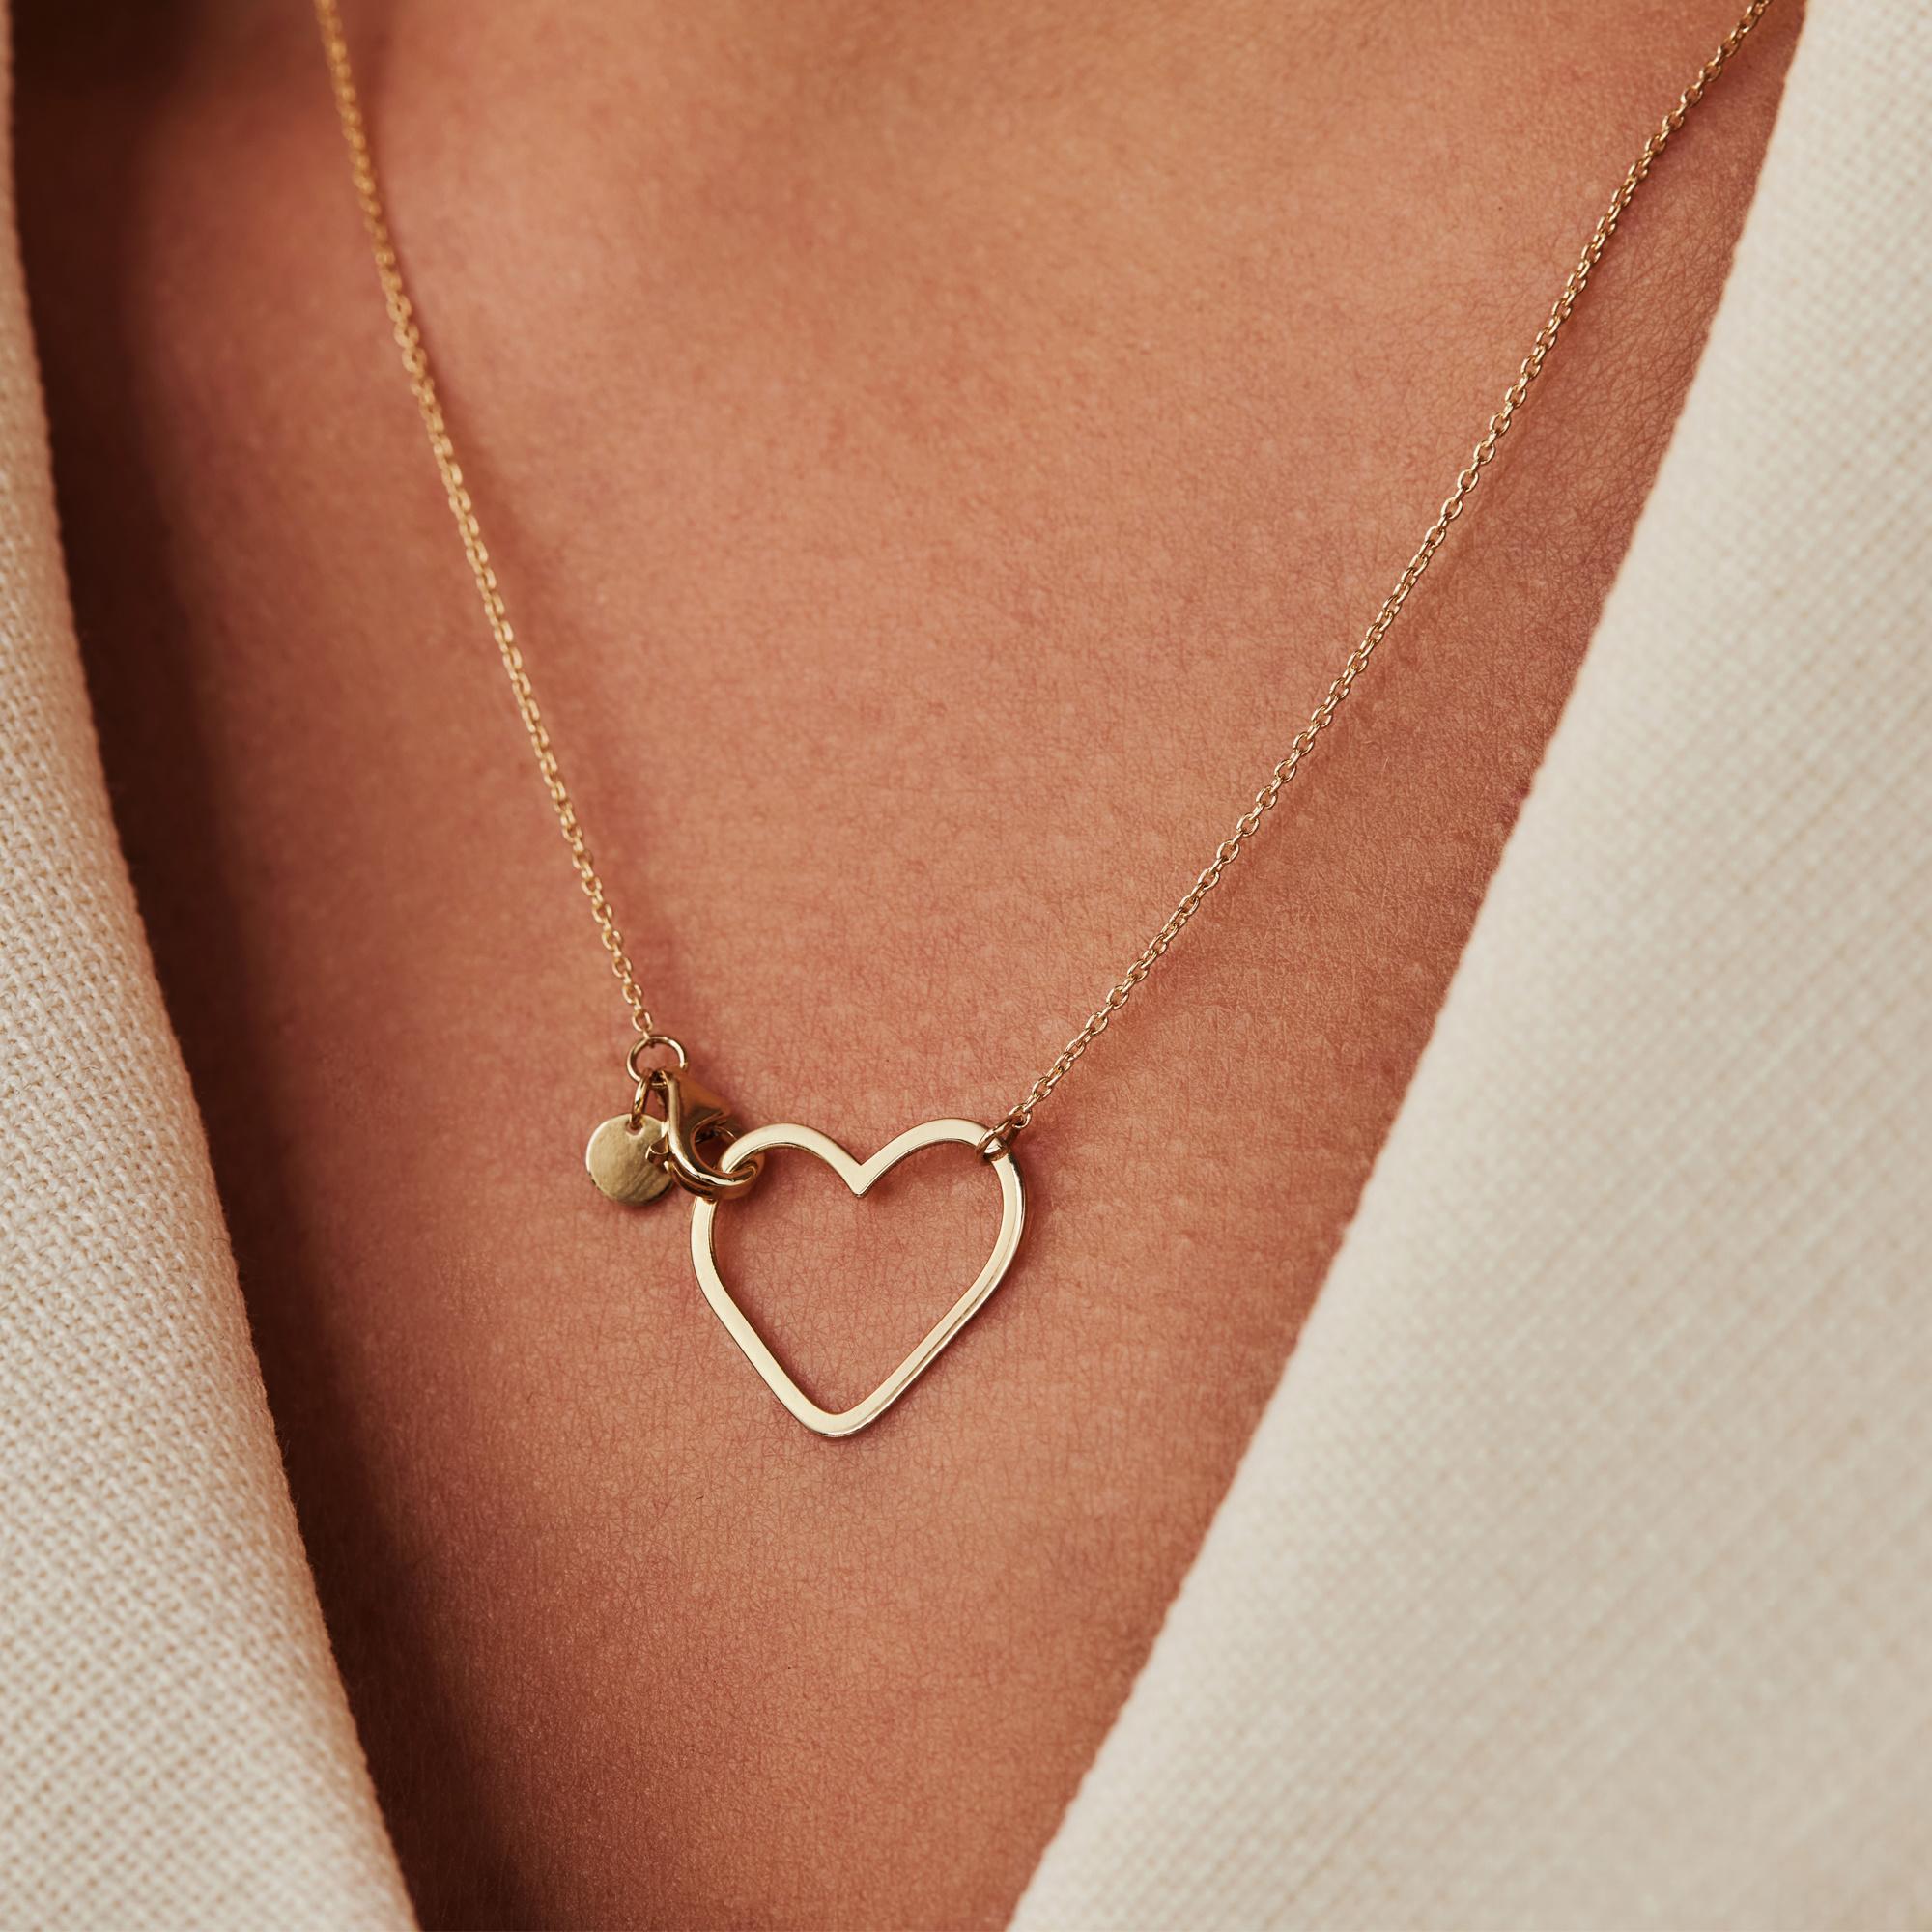 Isabel Bernard Belleville Amore 585er Goldkette mit Herz